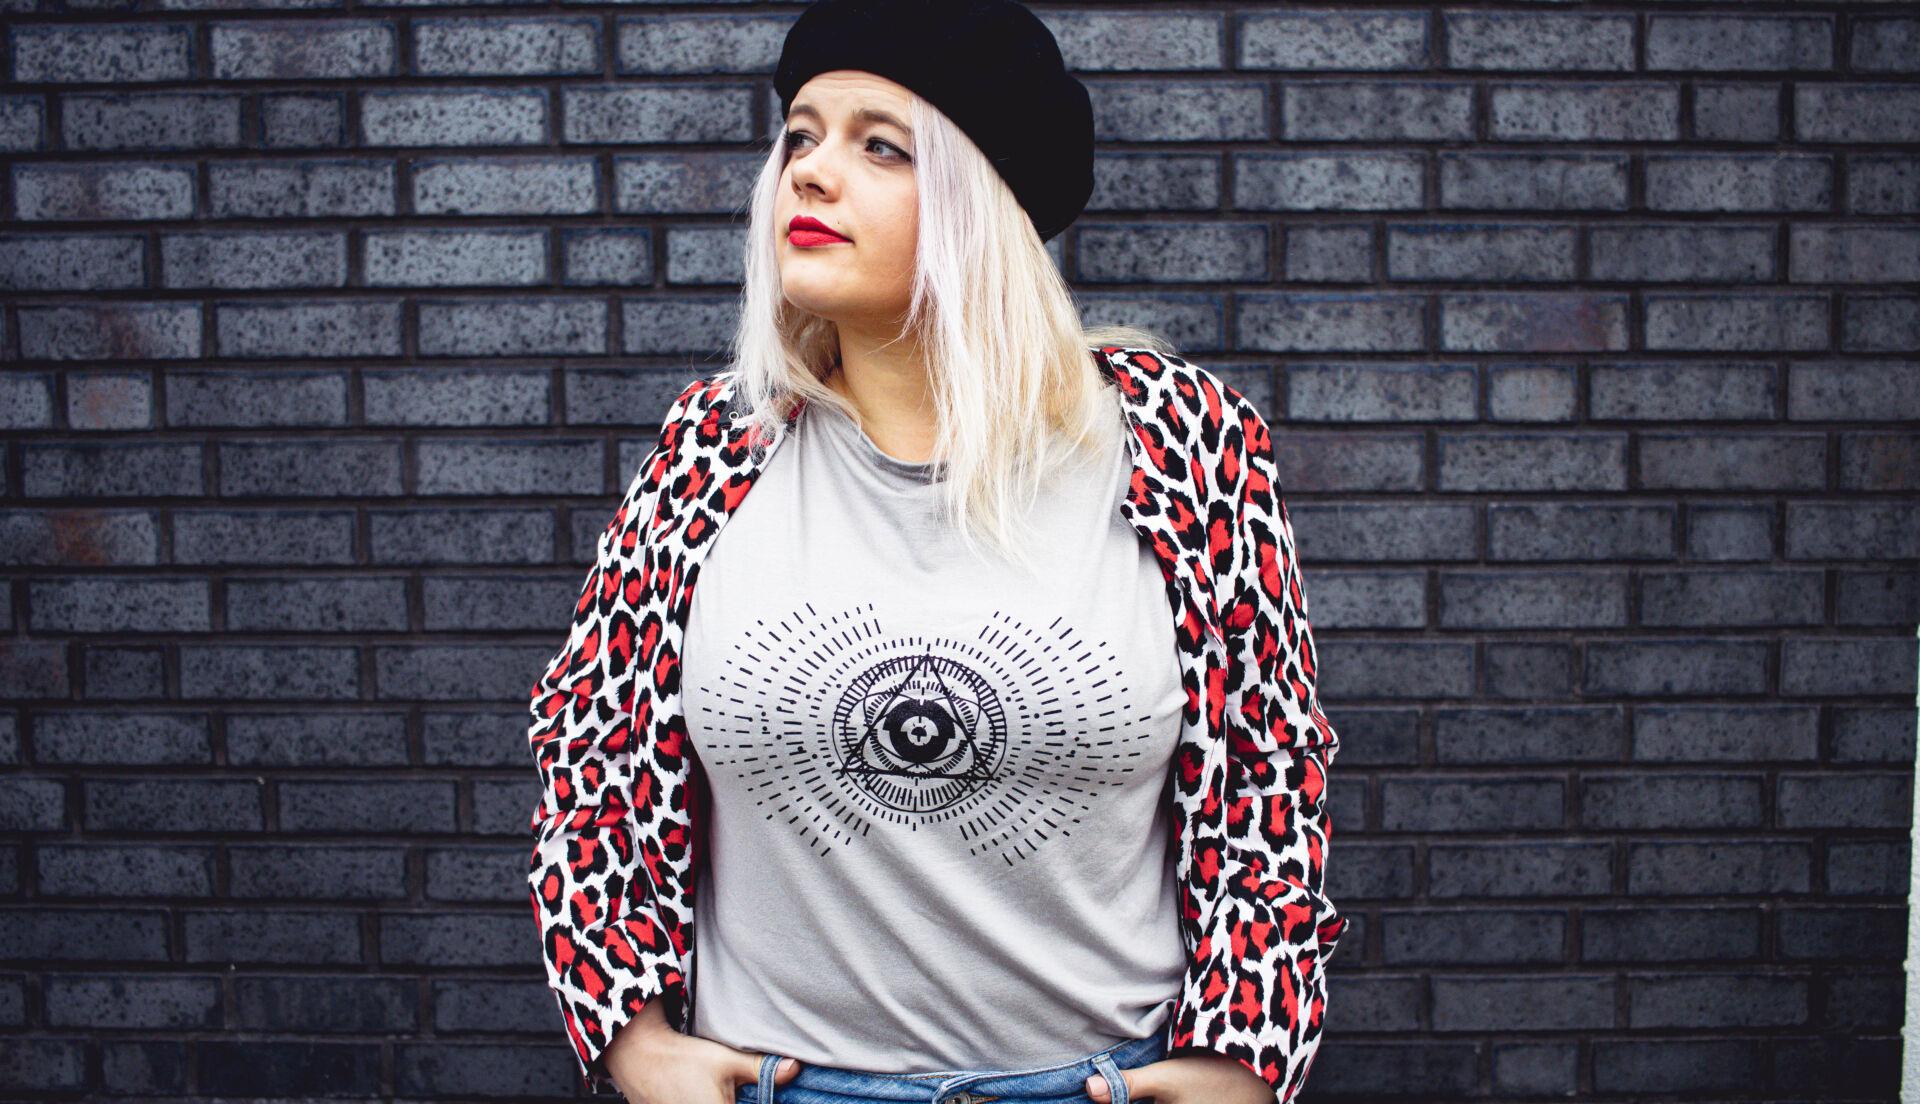 Die Heilige Geometrie – Neue Plotterdateien für T-Shirts, Karten und mehr